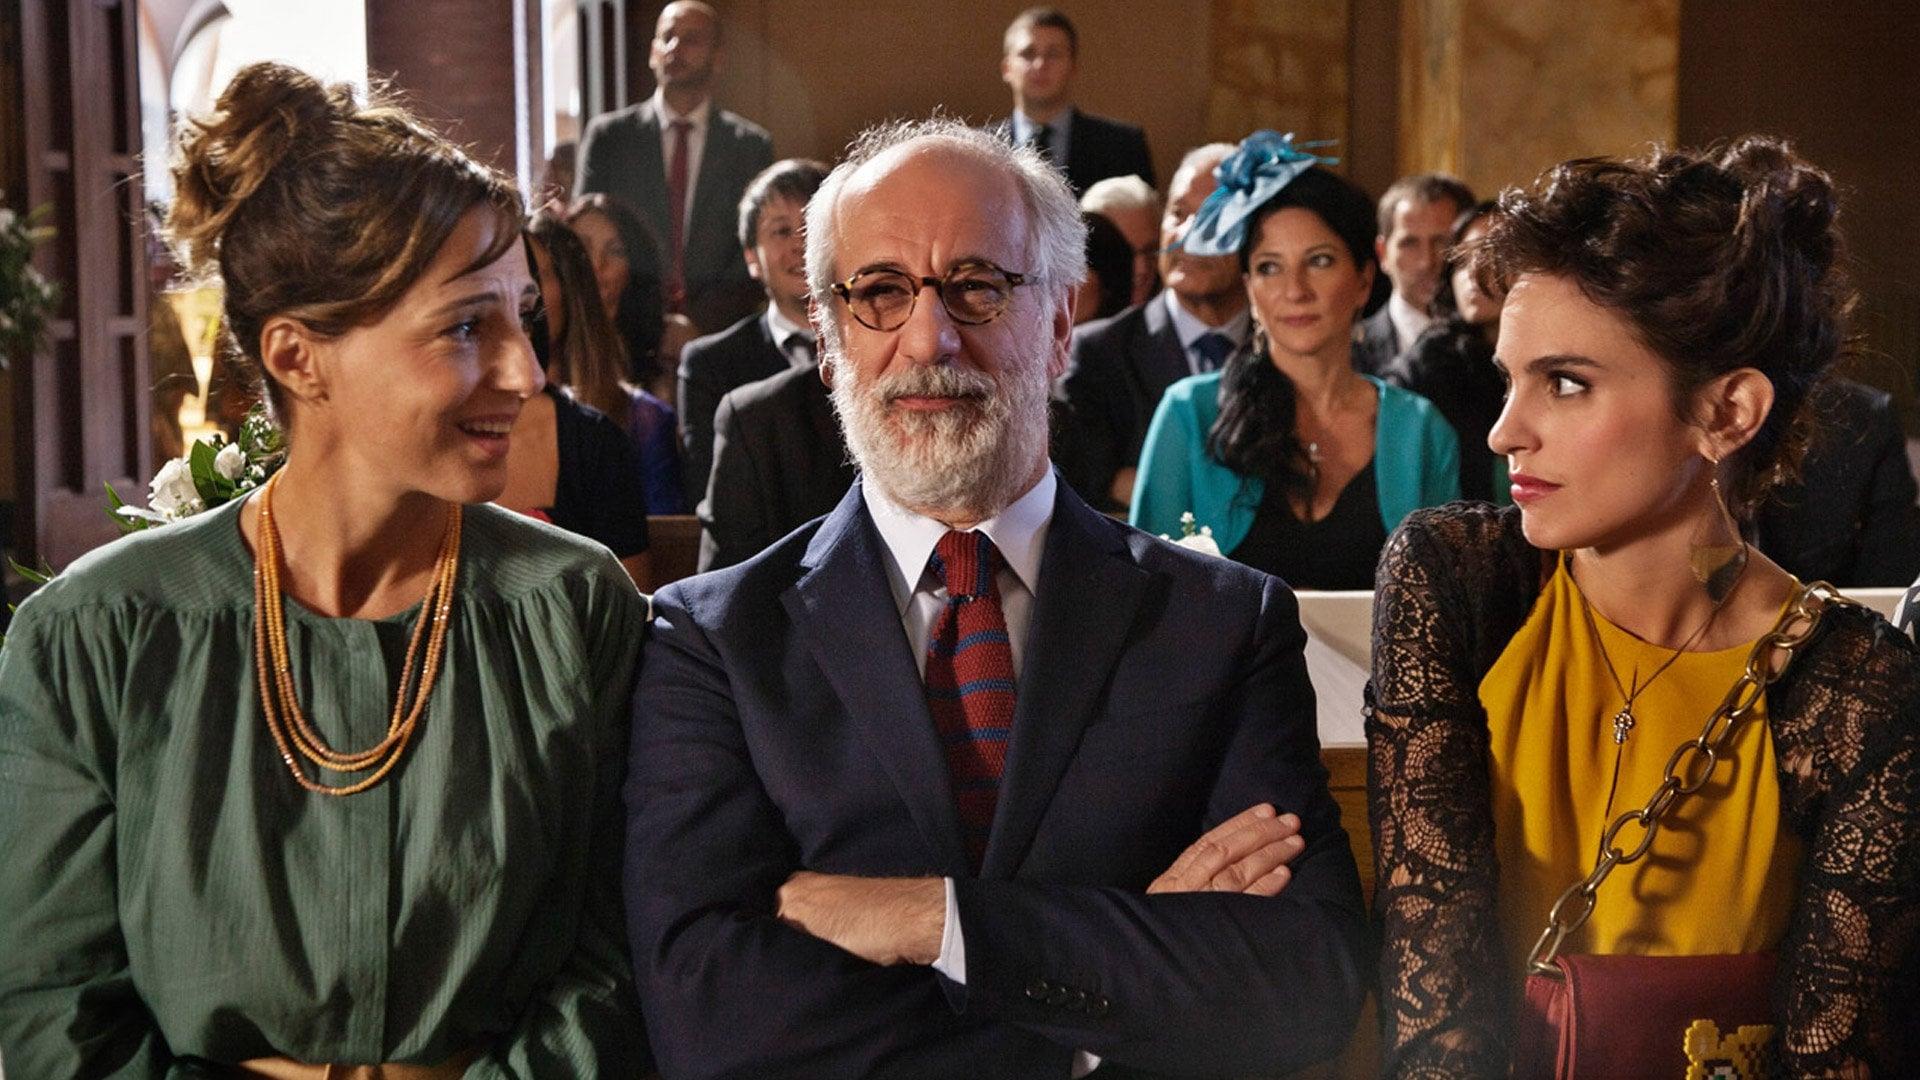 итальянские фильмы онлайн хорошем качестве парень, трахал